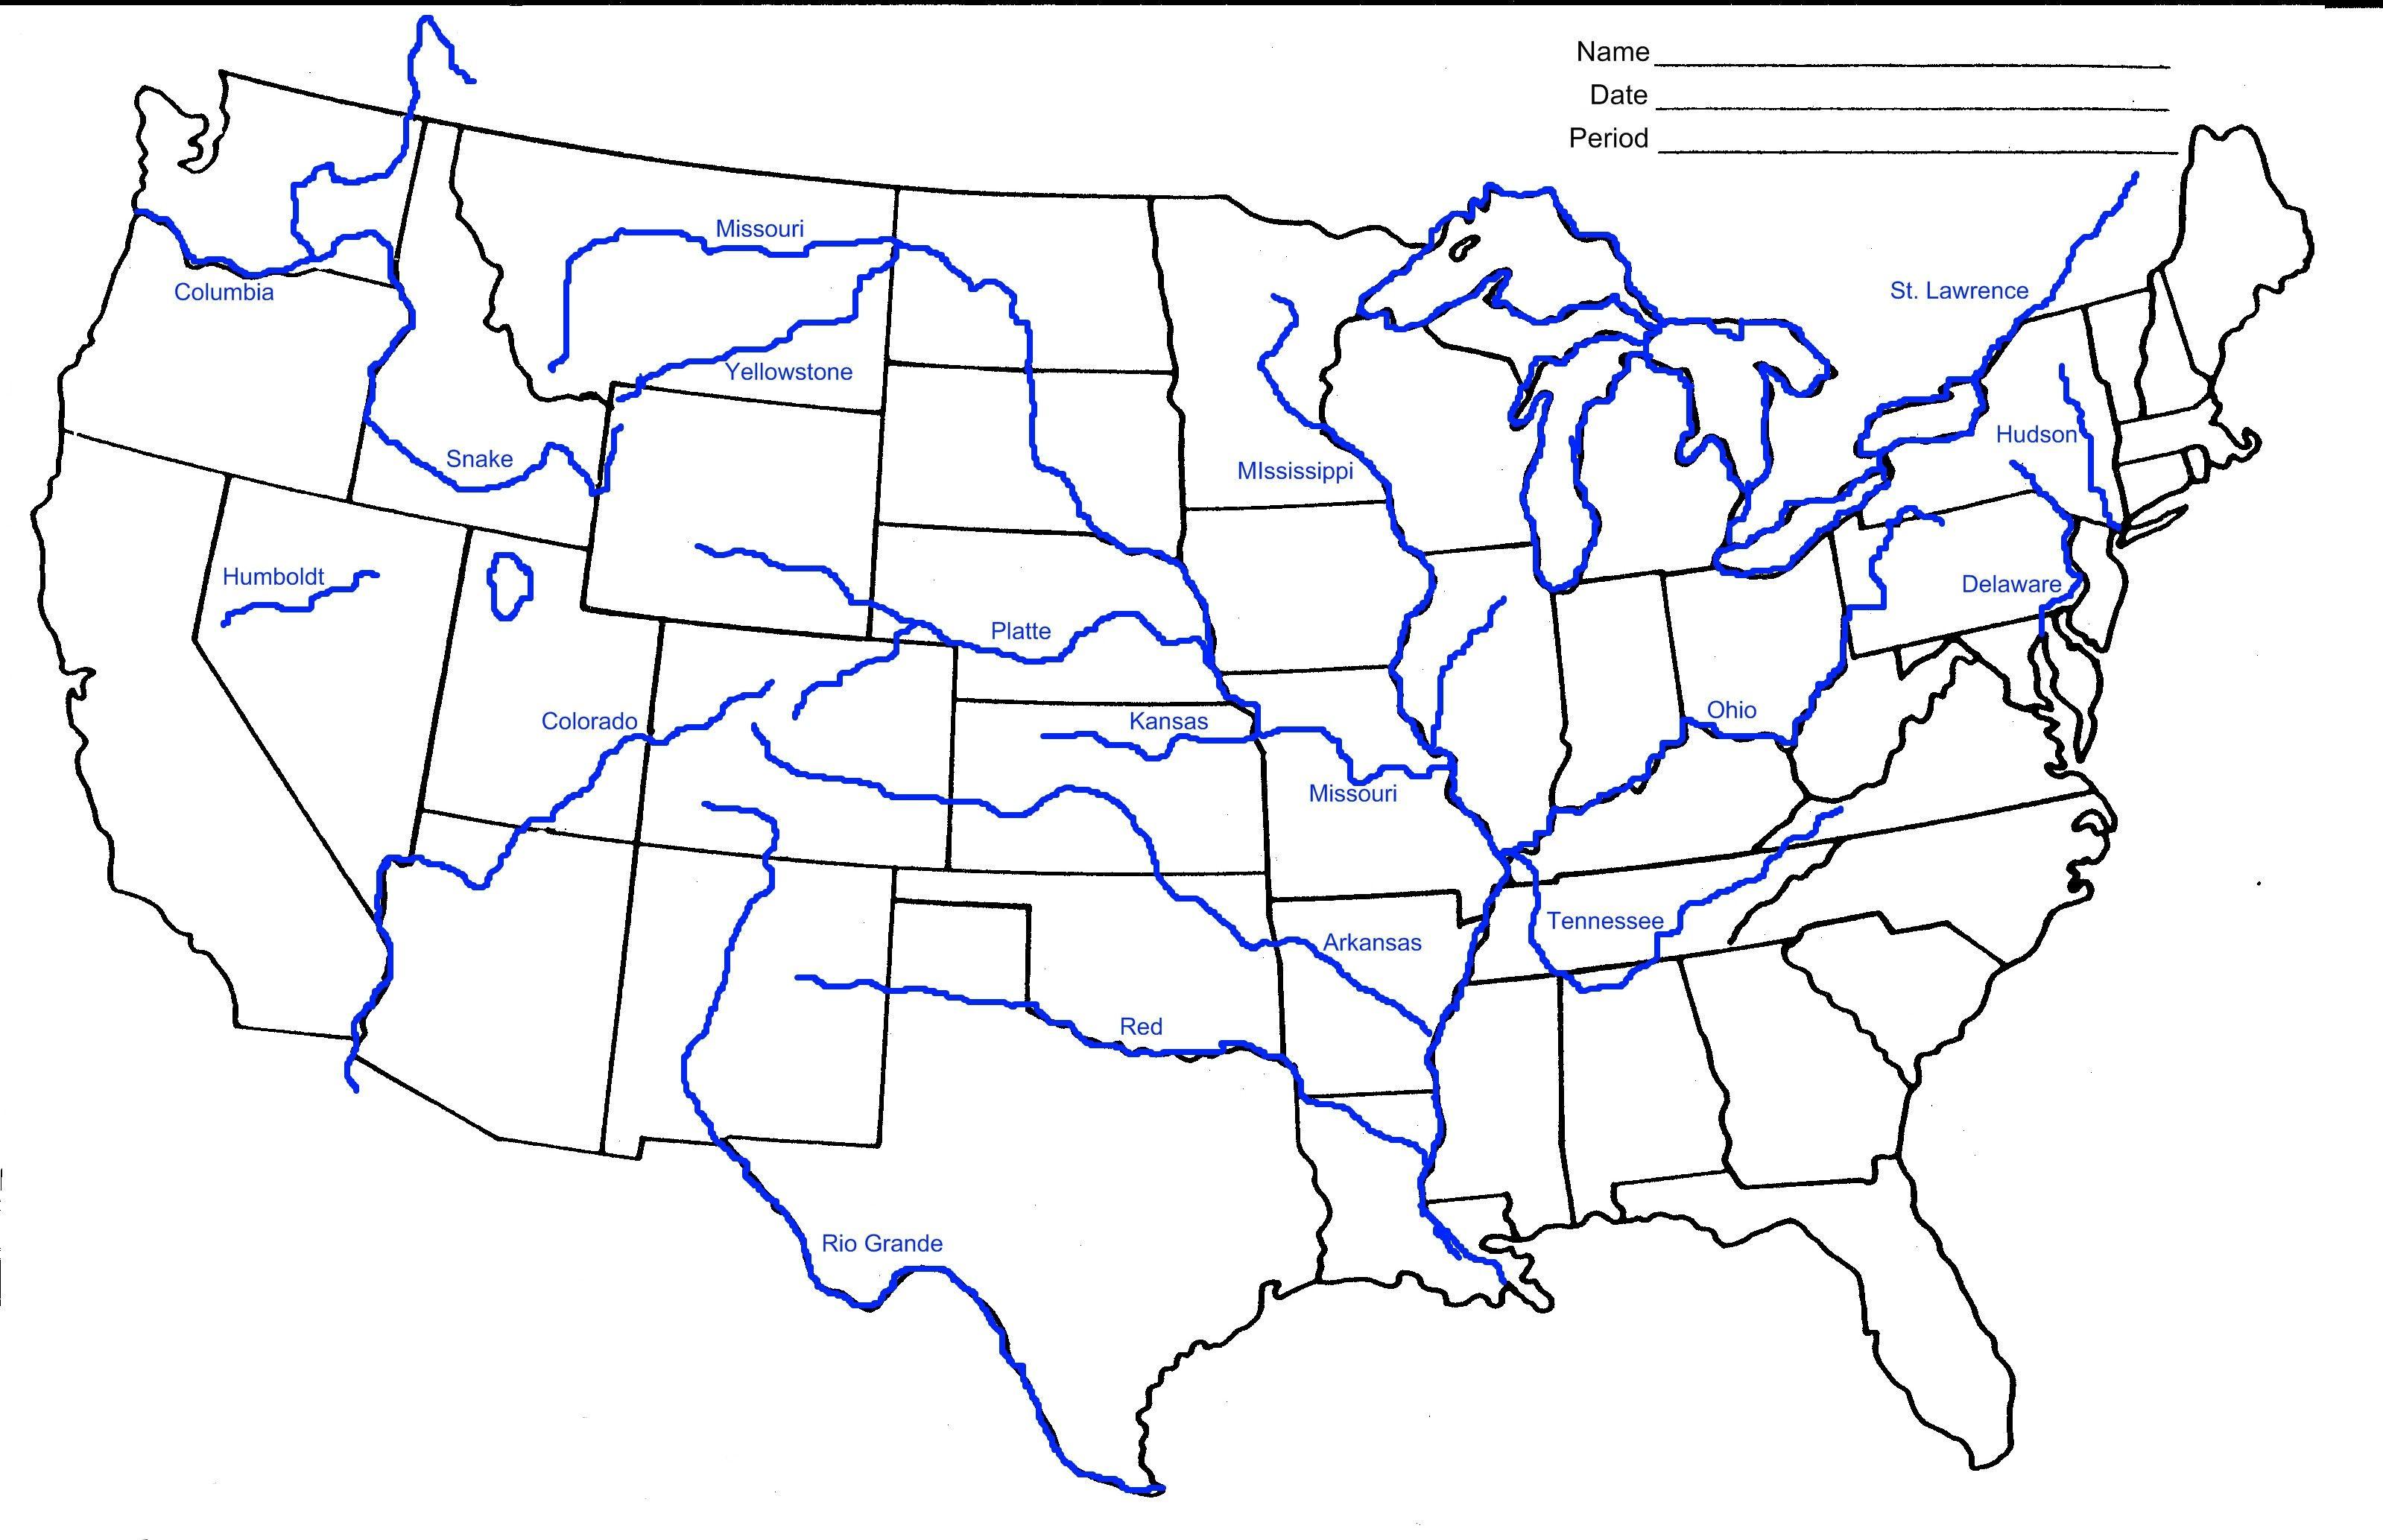 Us Rivers Map Printable Printable Us Map with Major Rivers Valid Printable Us Map with